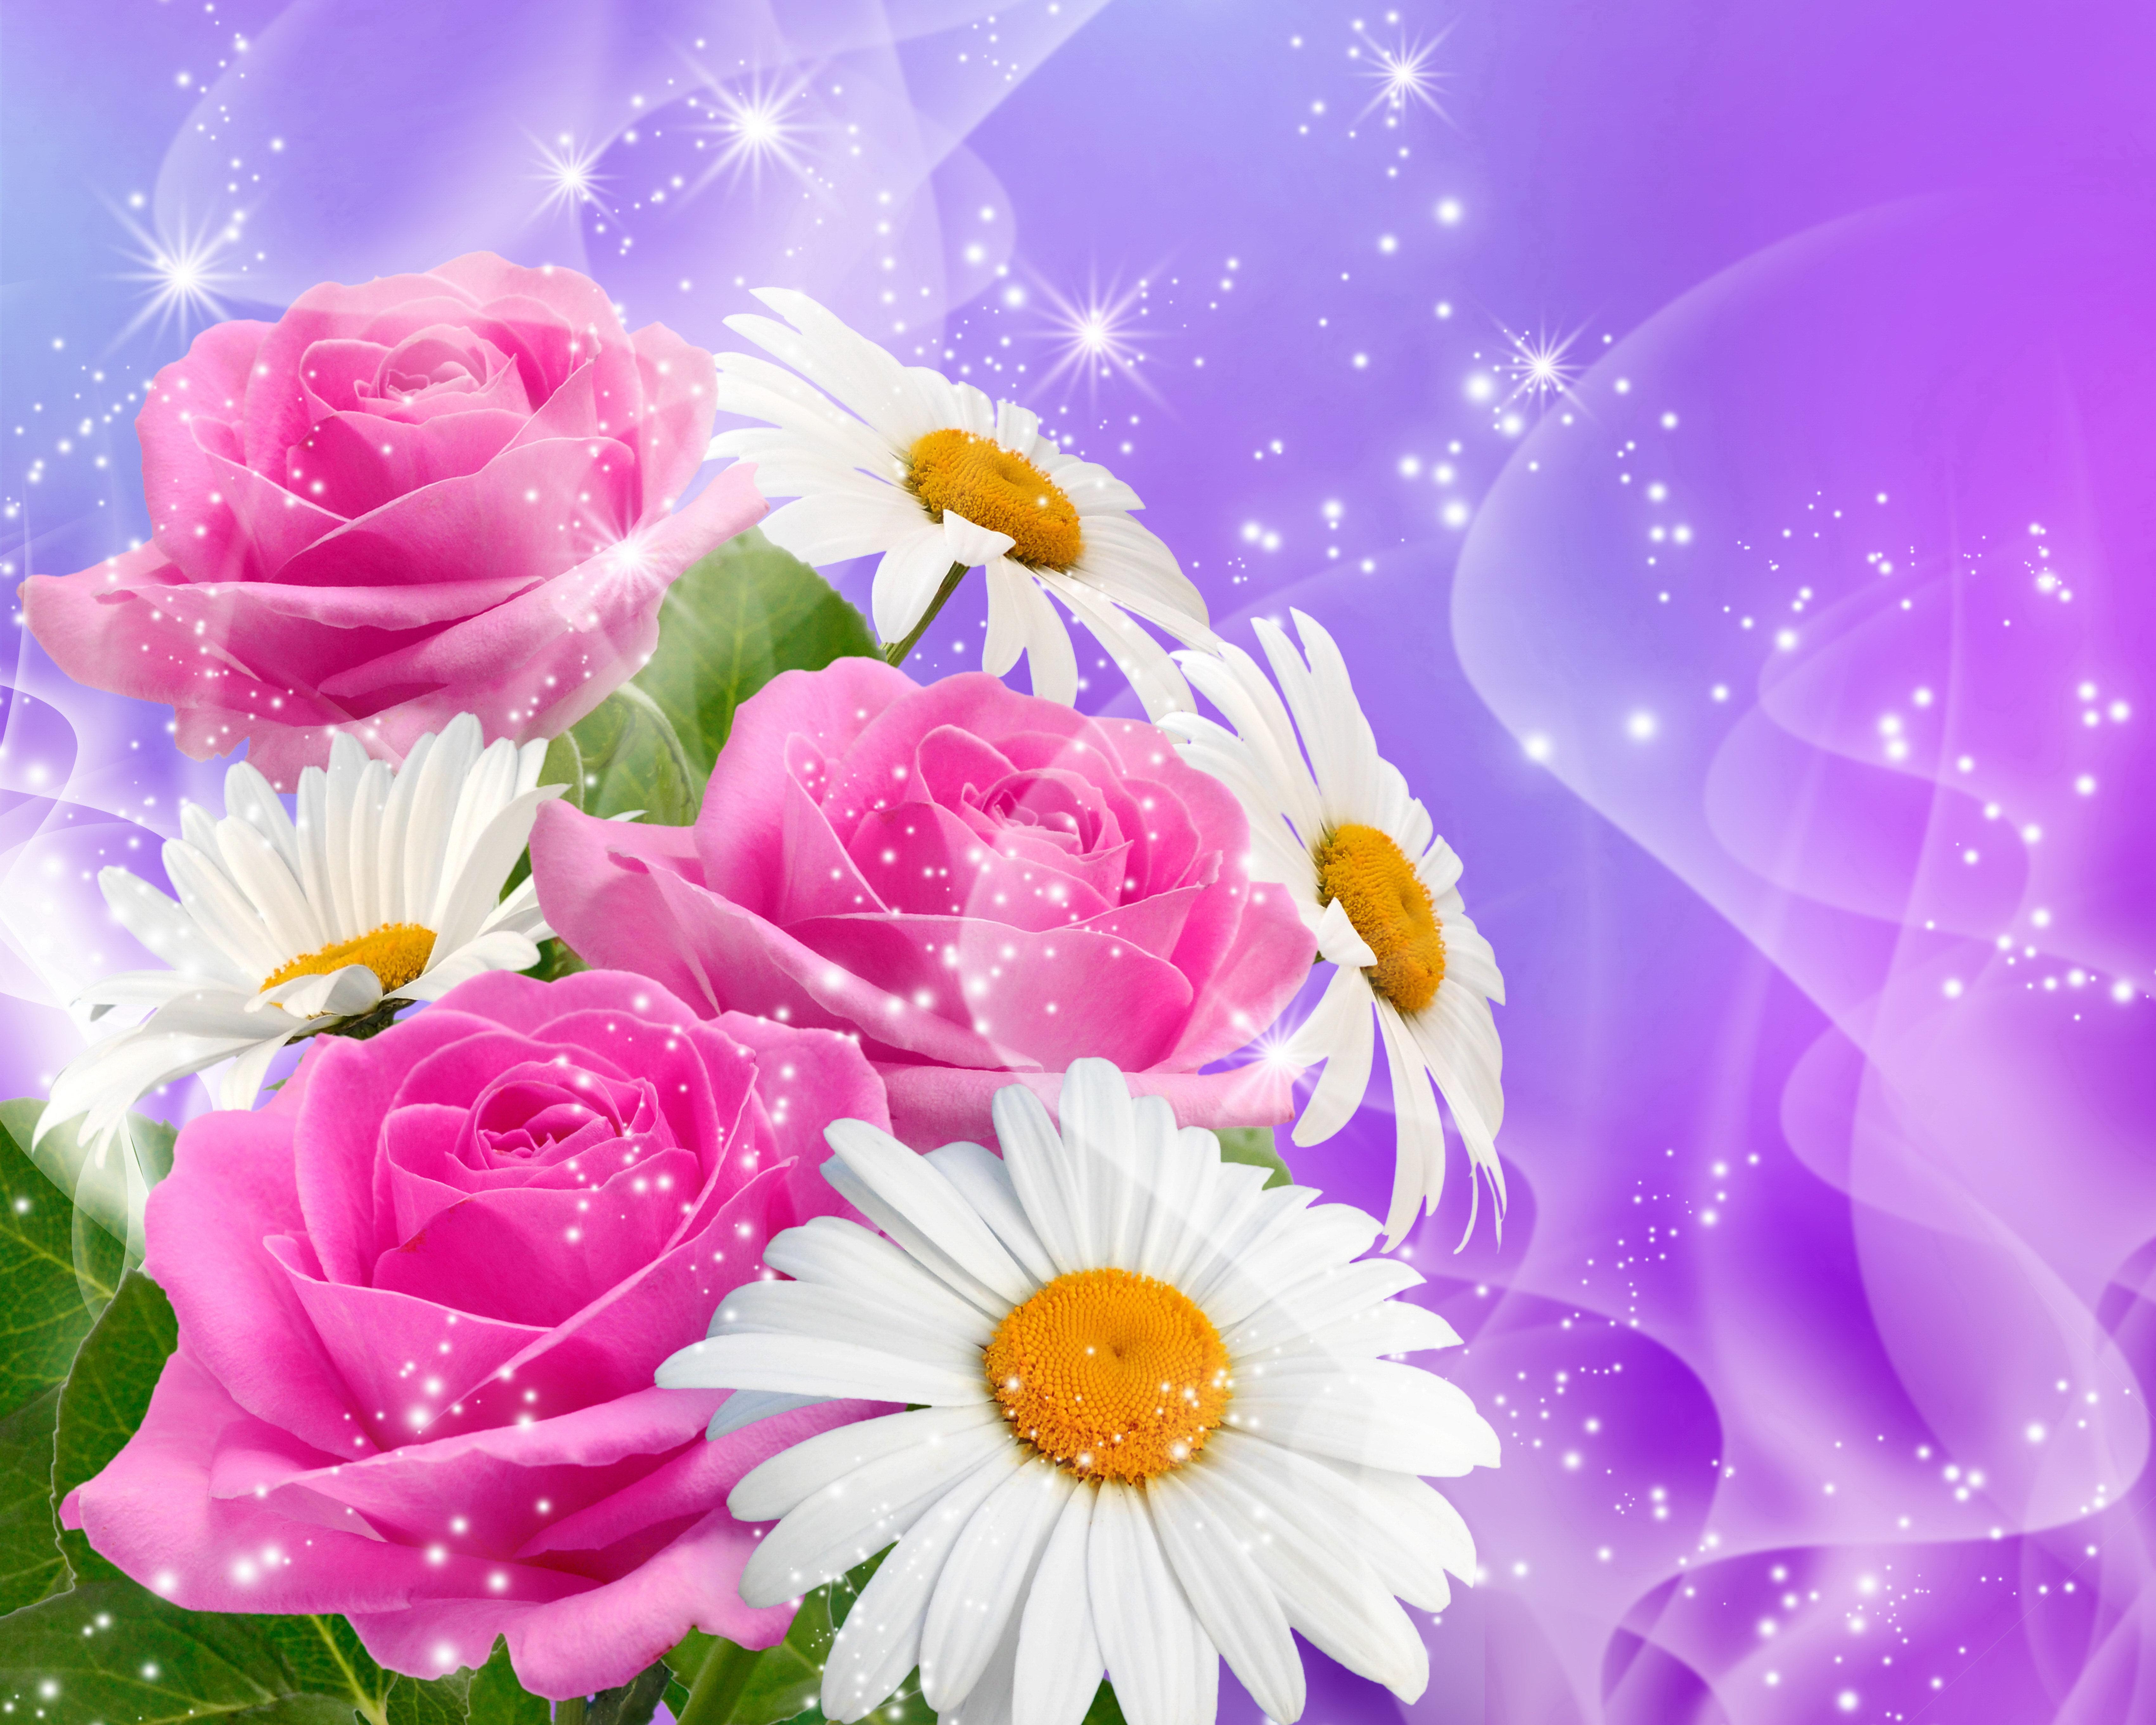 Открытка с днем рождения розы и ромашки